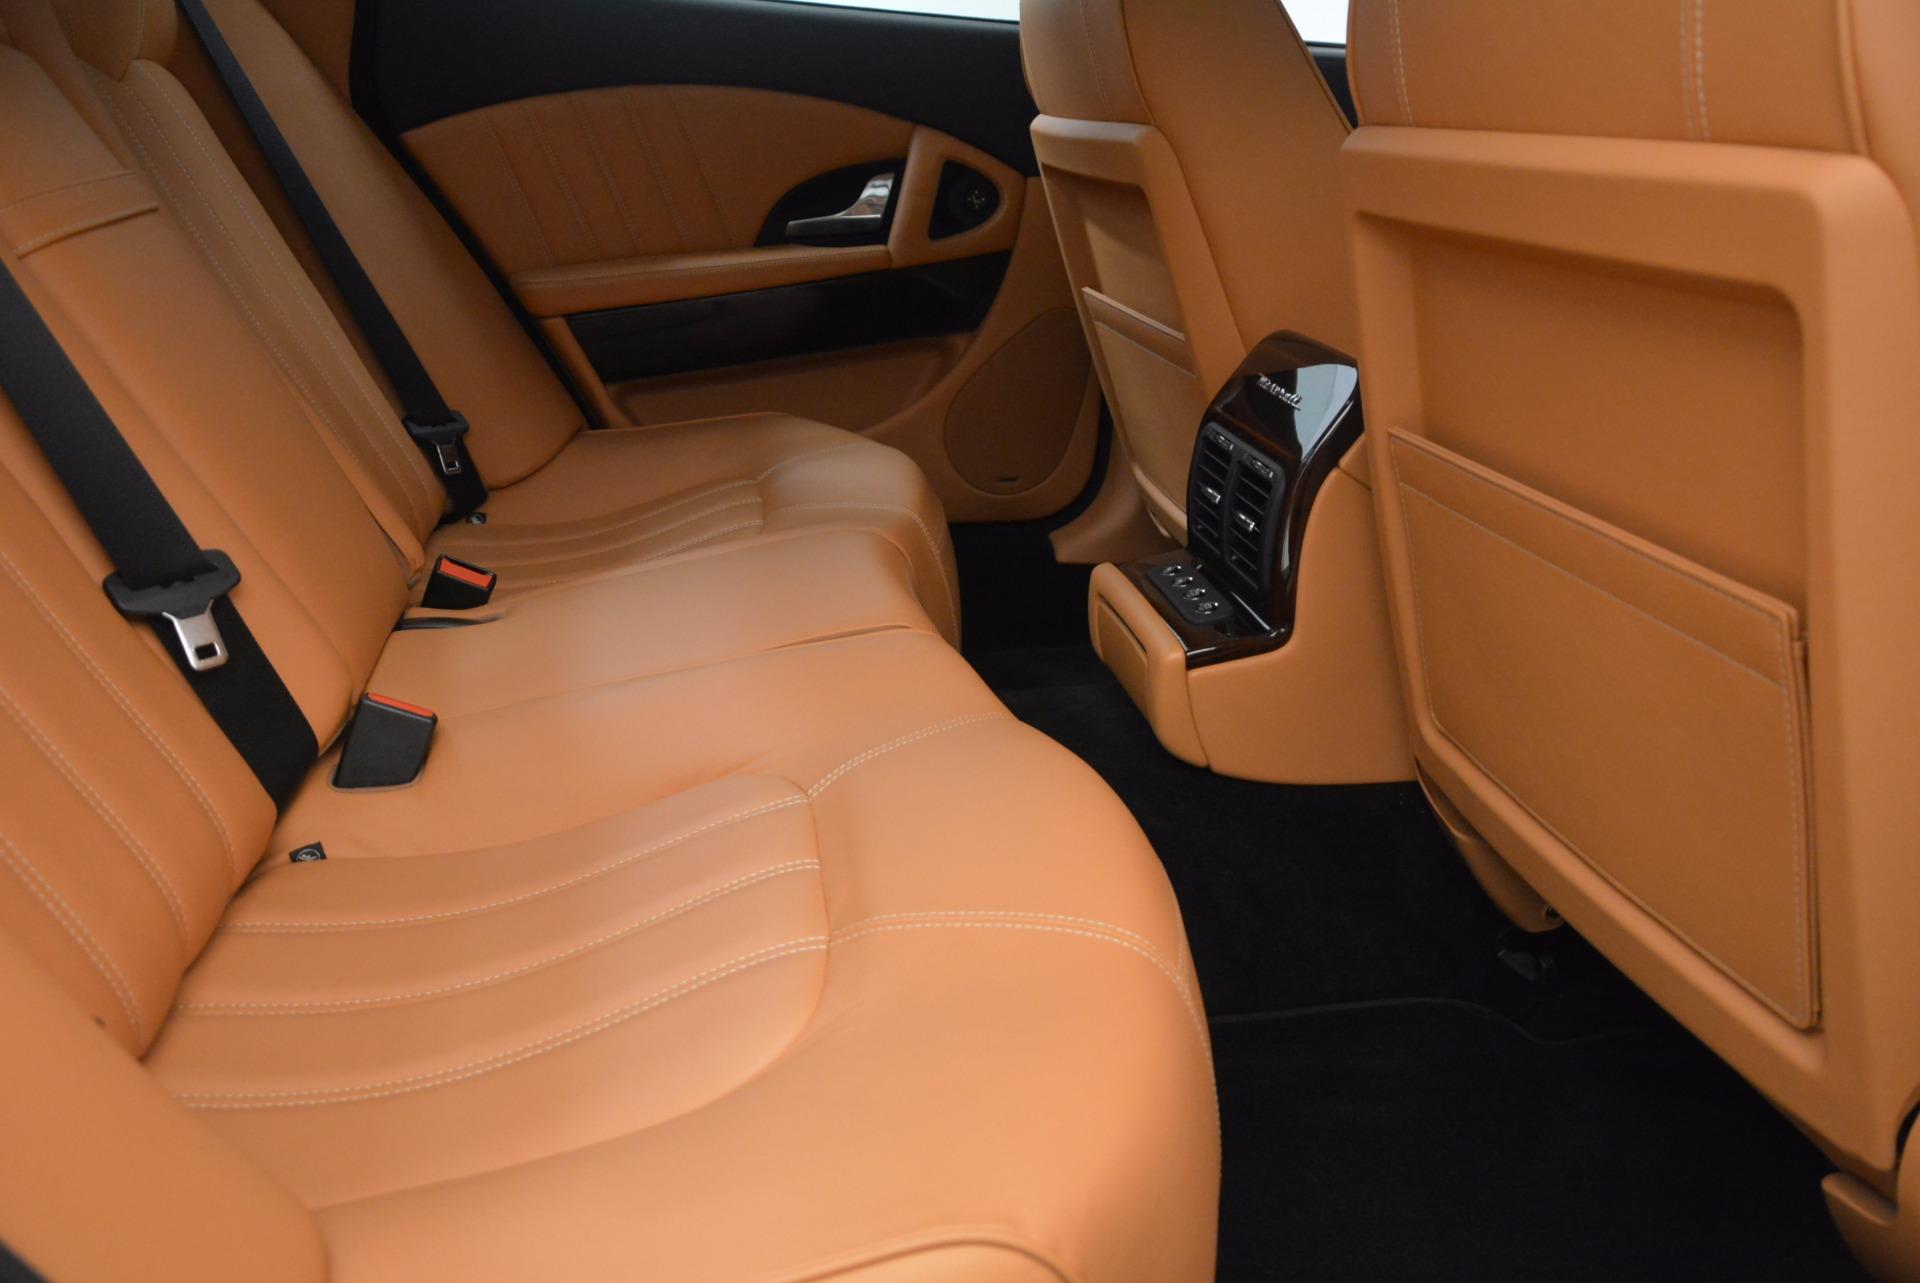 Used 2010 Maserati Quattroporte S For Sale In Greenwich, CT. Alfa Romeo of Greenwich, 7279 1551_p38